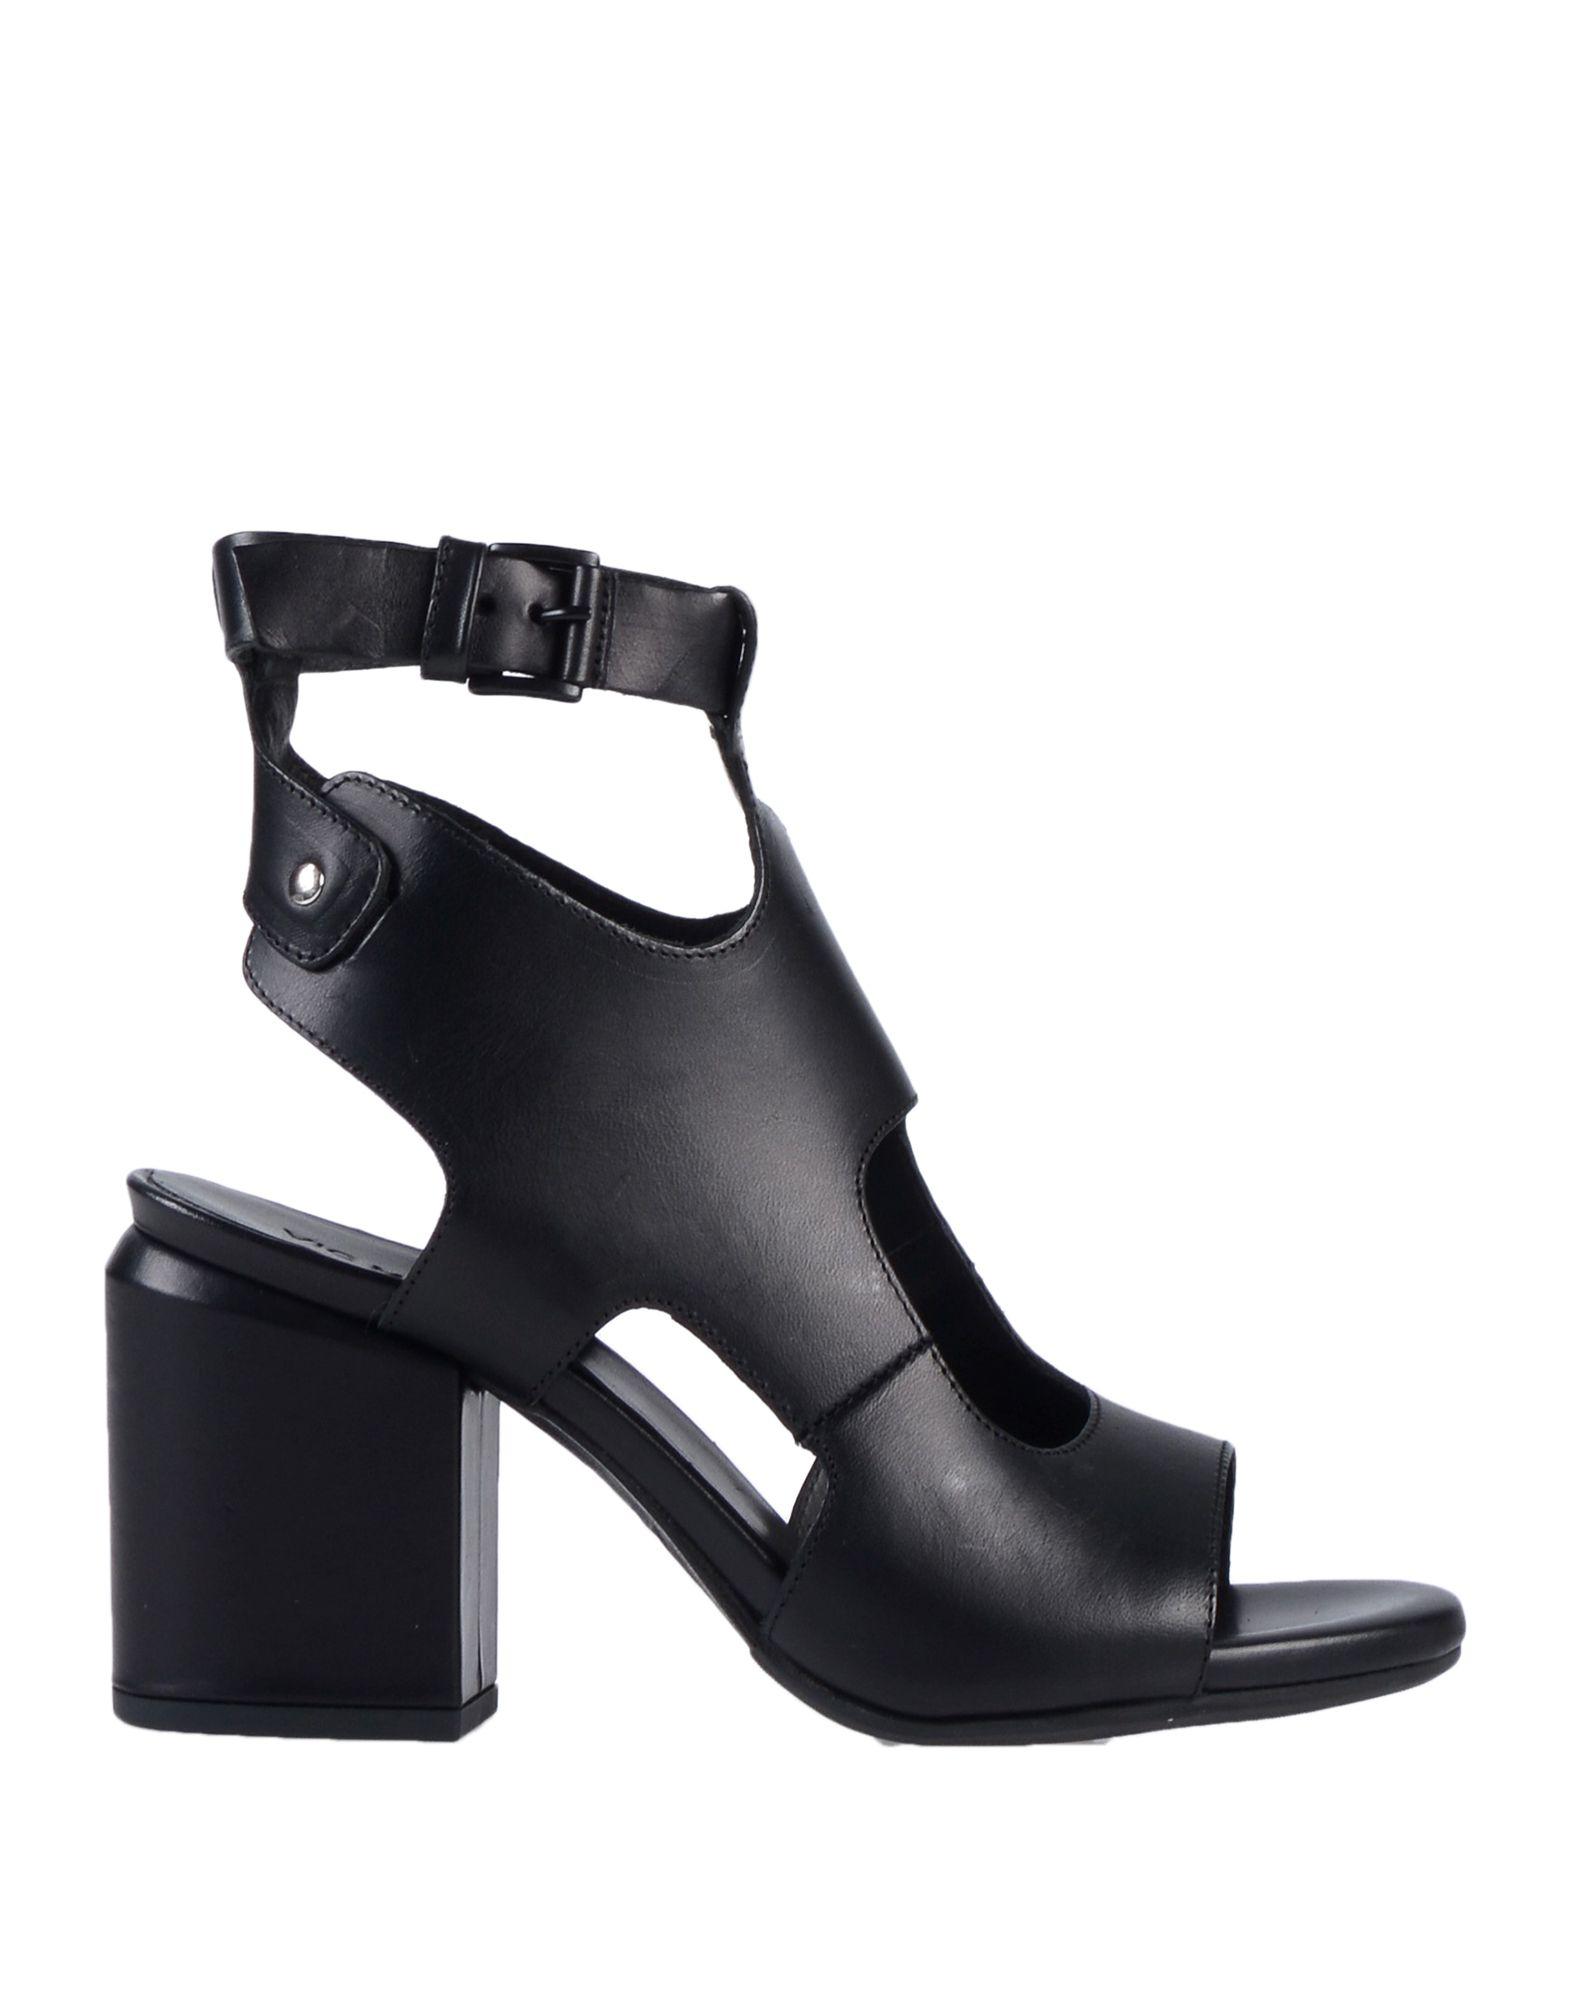 VIC MATIĒ Полусапоги и высокие ботинки плейбой бренд осенью открытый скалолазания и пешие прогулки досуга для дыхания и водонепроницаемым мужские ботинки